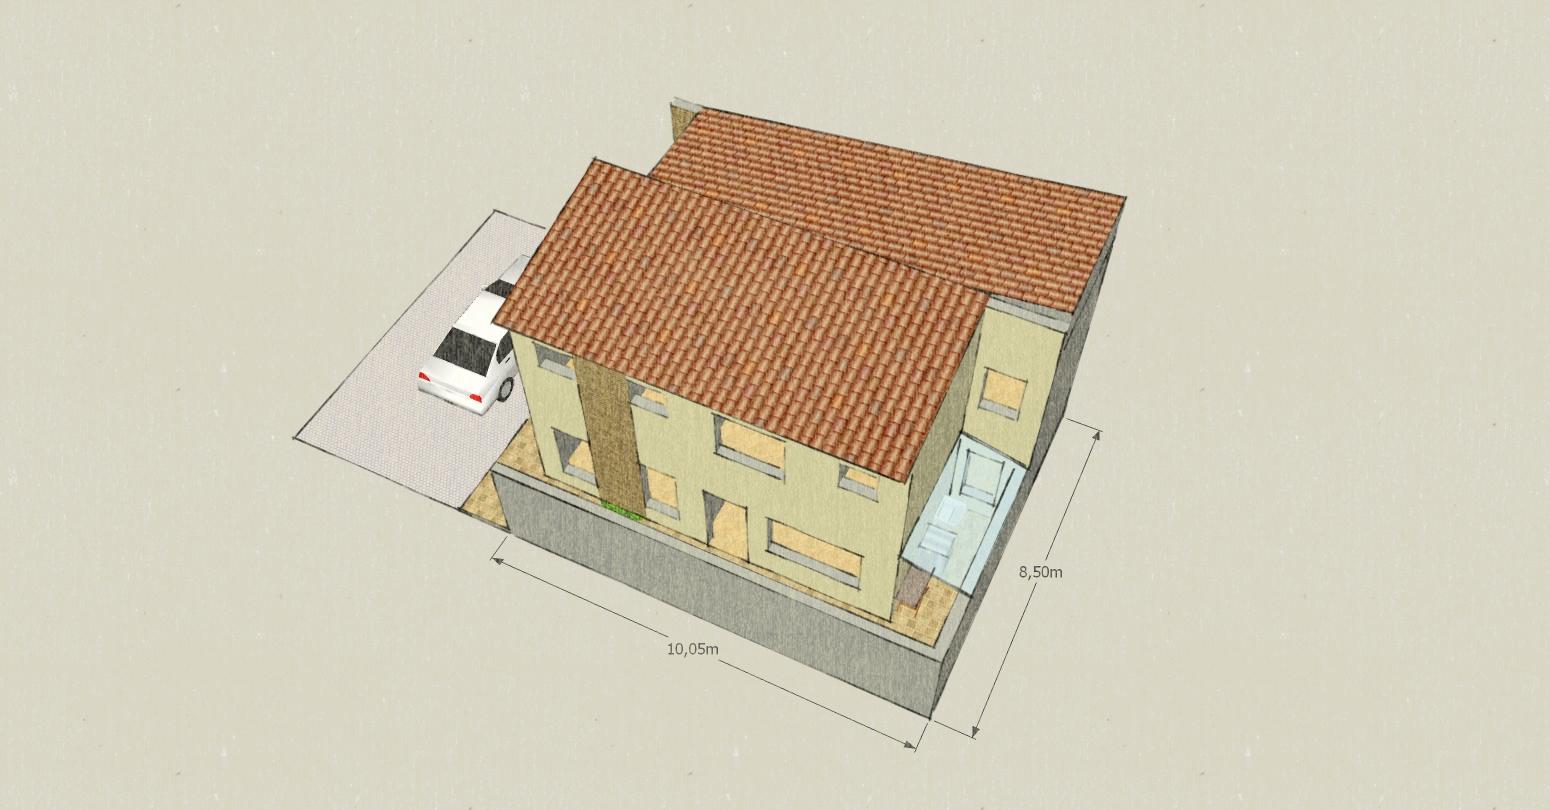 De coração: projeto 01   casa de 8,50 x 10,00 e boas vindas